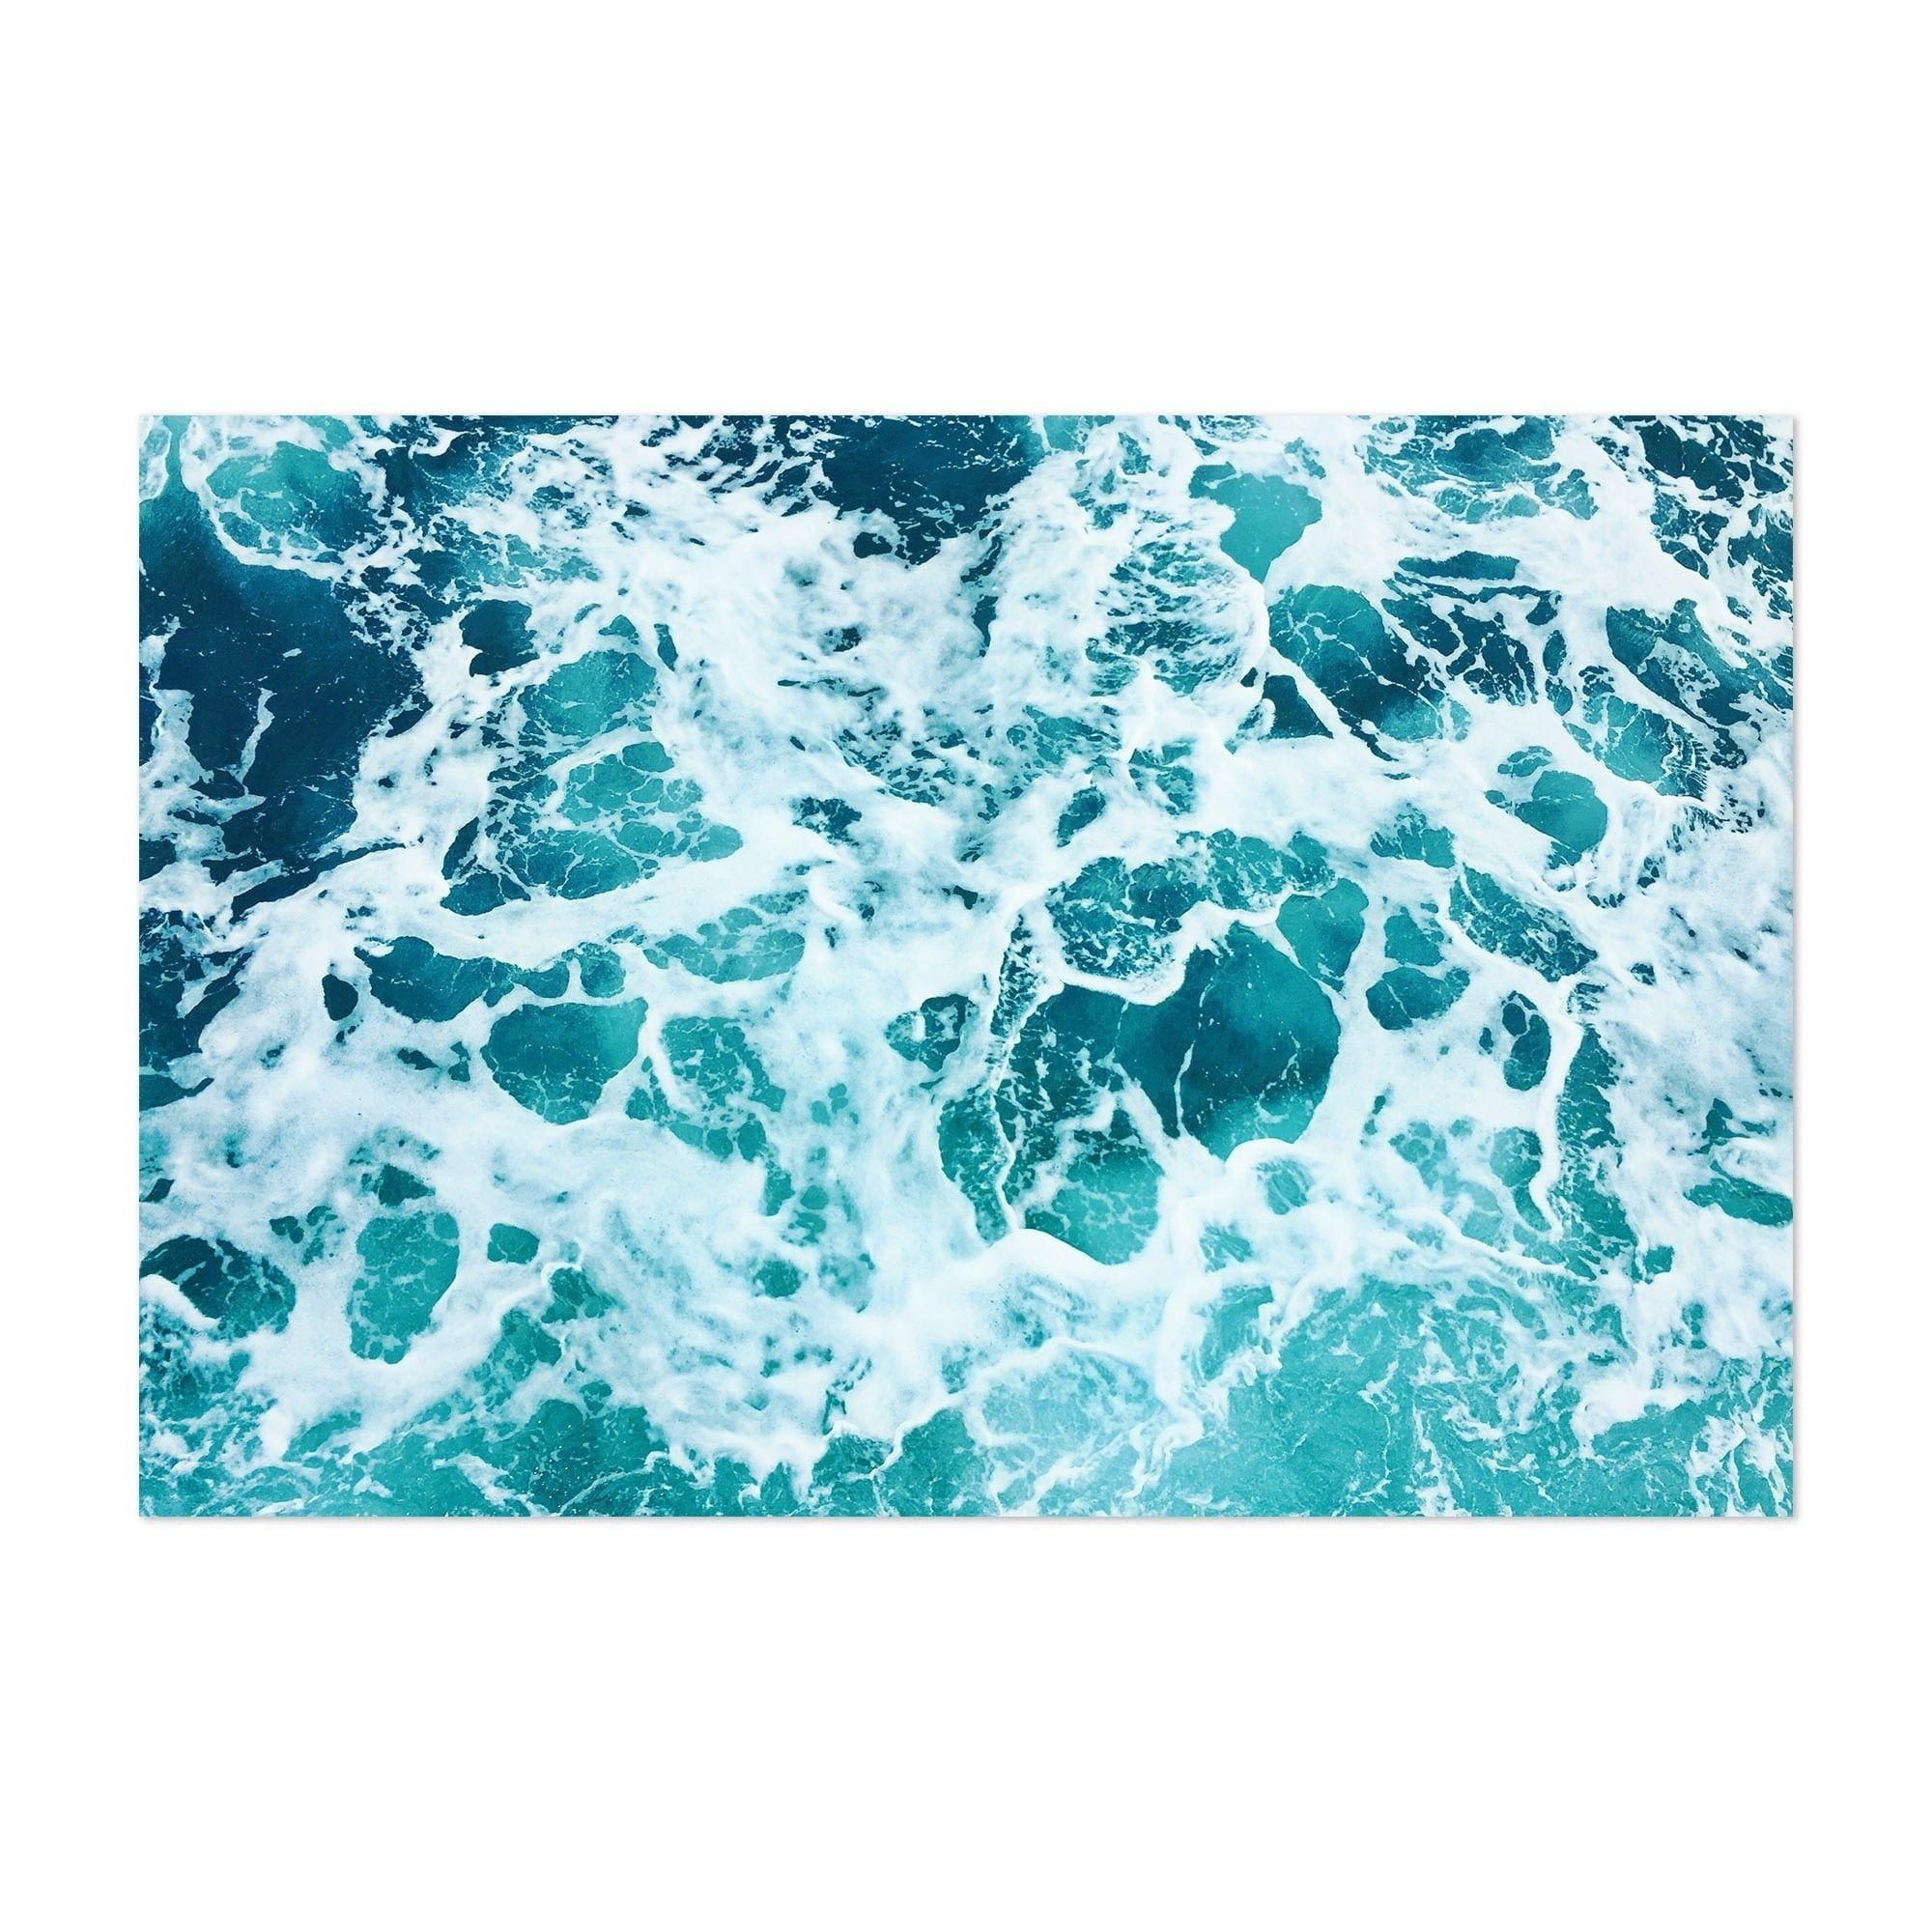 Noir Gallery Ocean Sea Foam Beach Photography Unframed Art Print Poster 11 X 14 Blue Noir Gallery Posters Art Prints Unframed Art